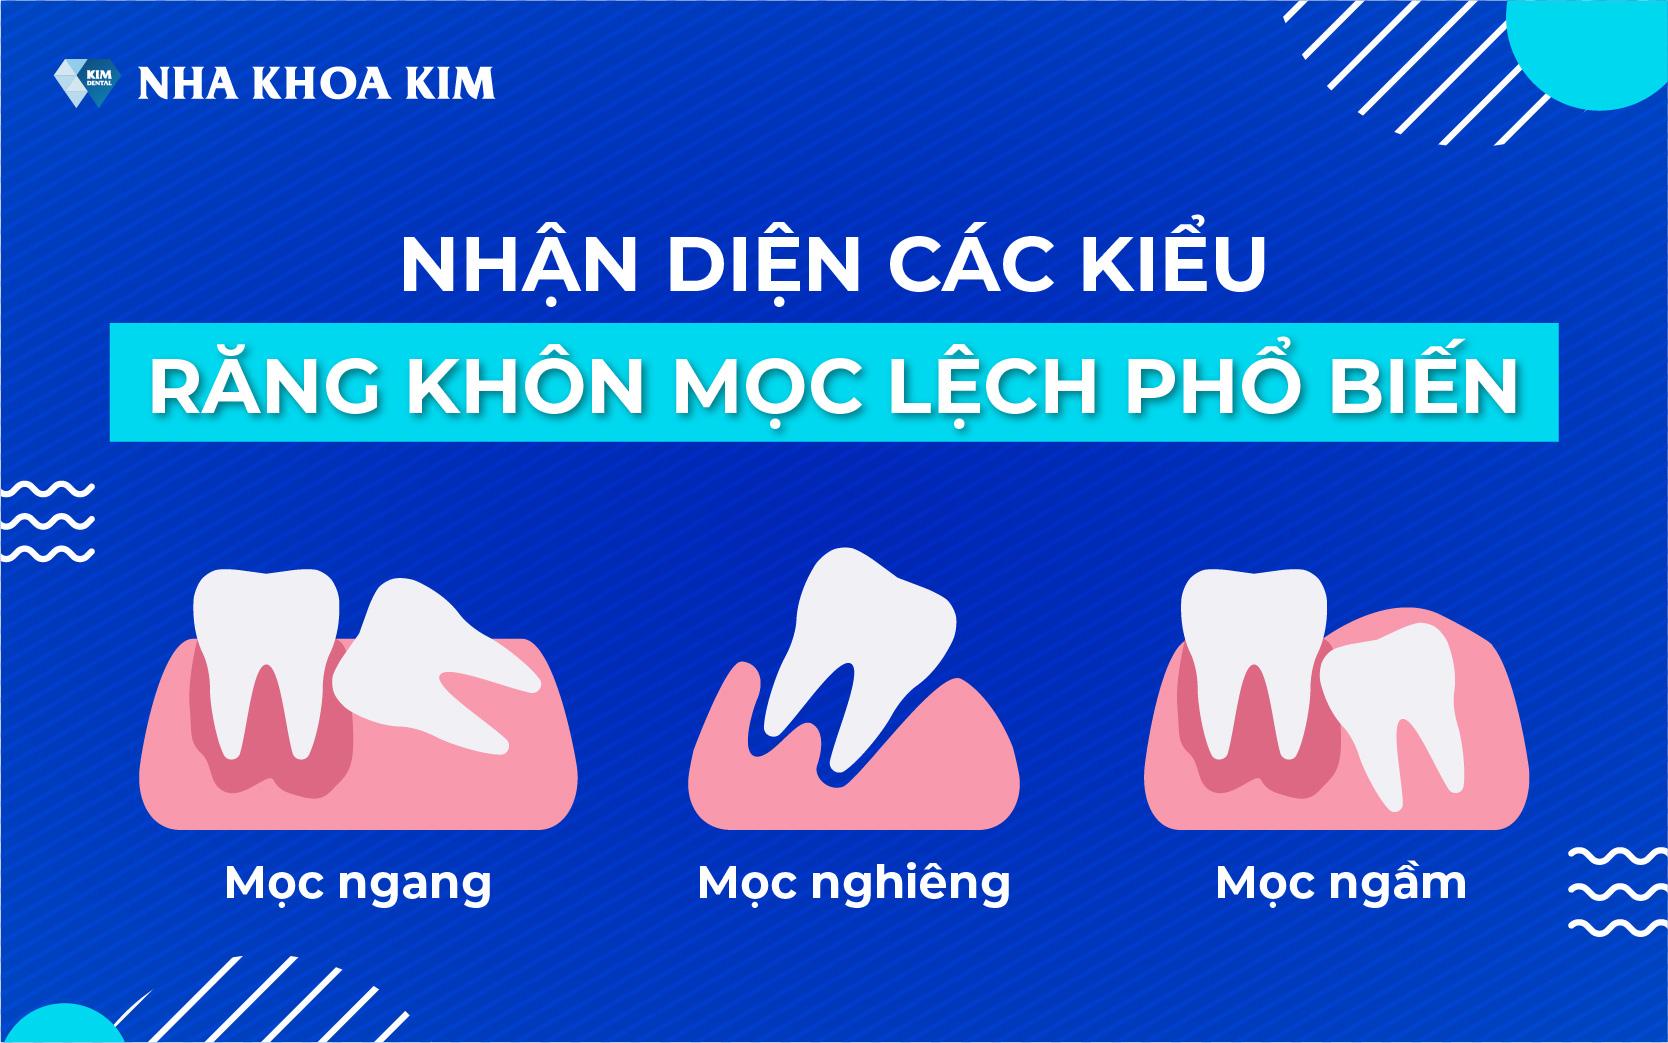 cac-kieu-rang-khon